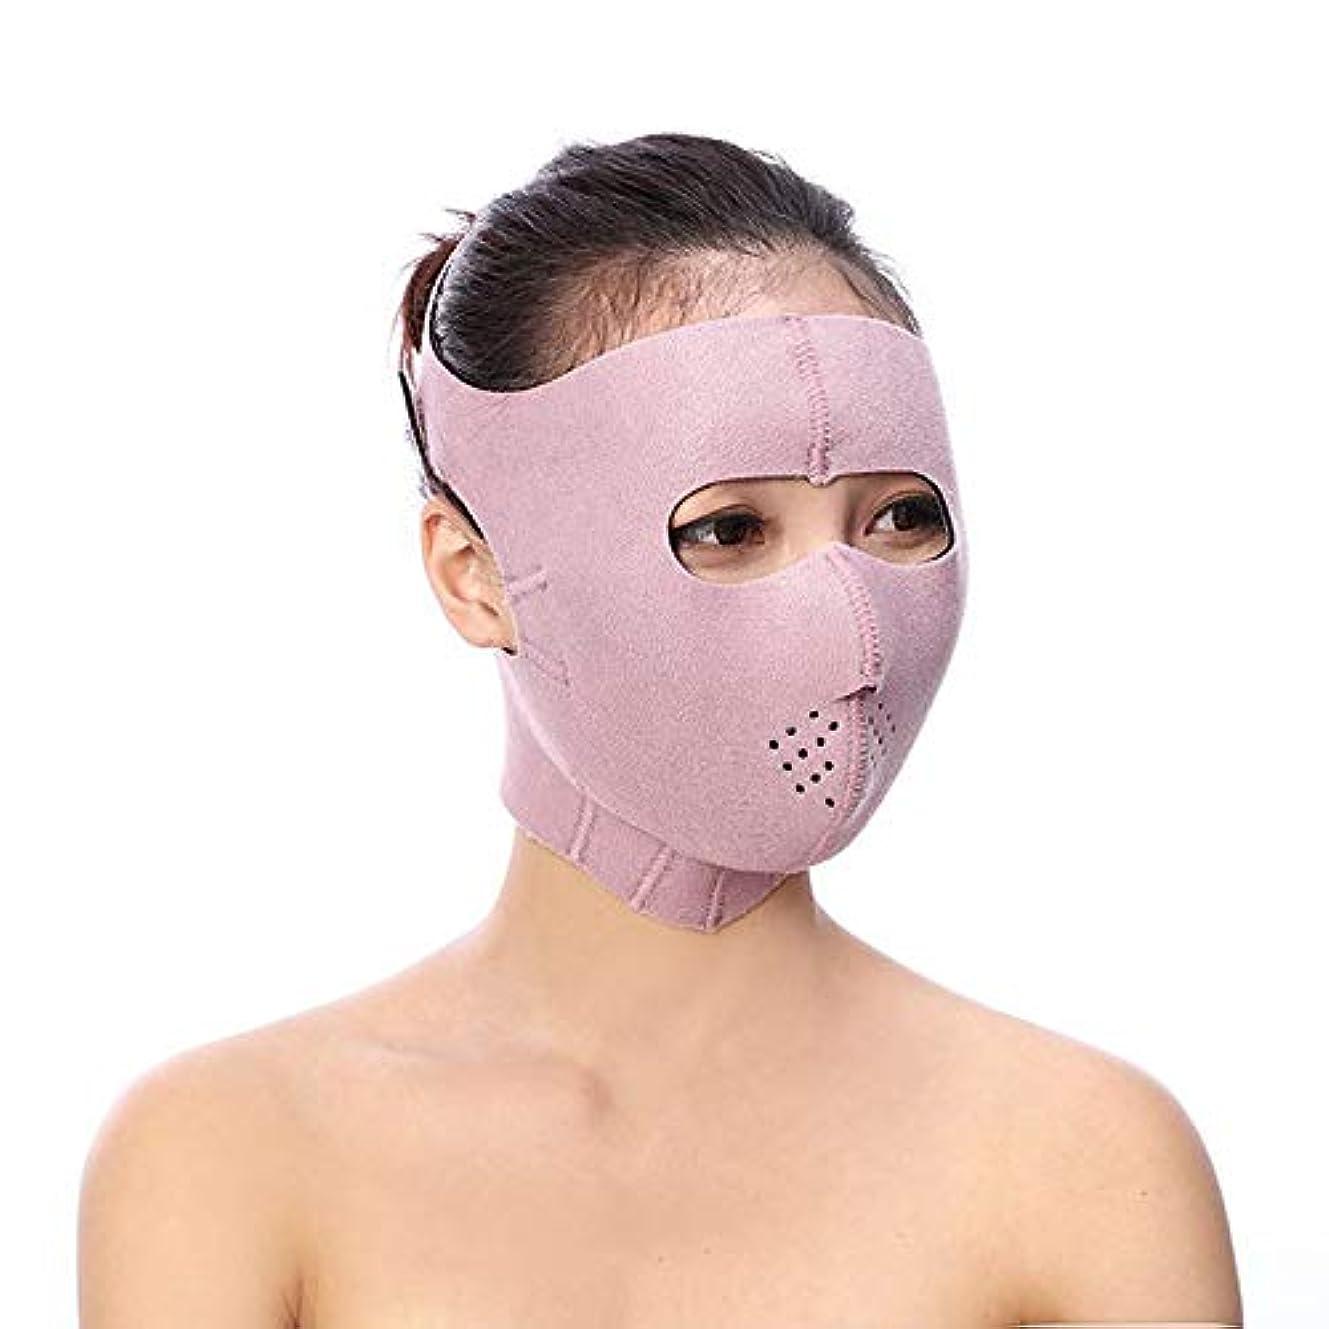 政治家のマウント計算可能GYZ フェイシャルリフティング痩身ベルト - Vフェイス包帯マスクフェイシャルマッサージャー無料の薄いフェイス包帯整形マスクを引き締める顔と首の顔スリム Thin Face Belt